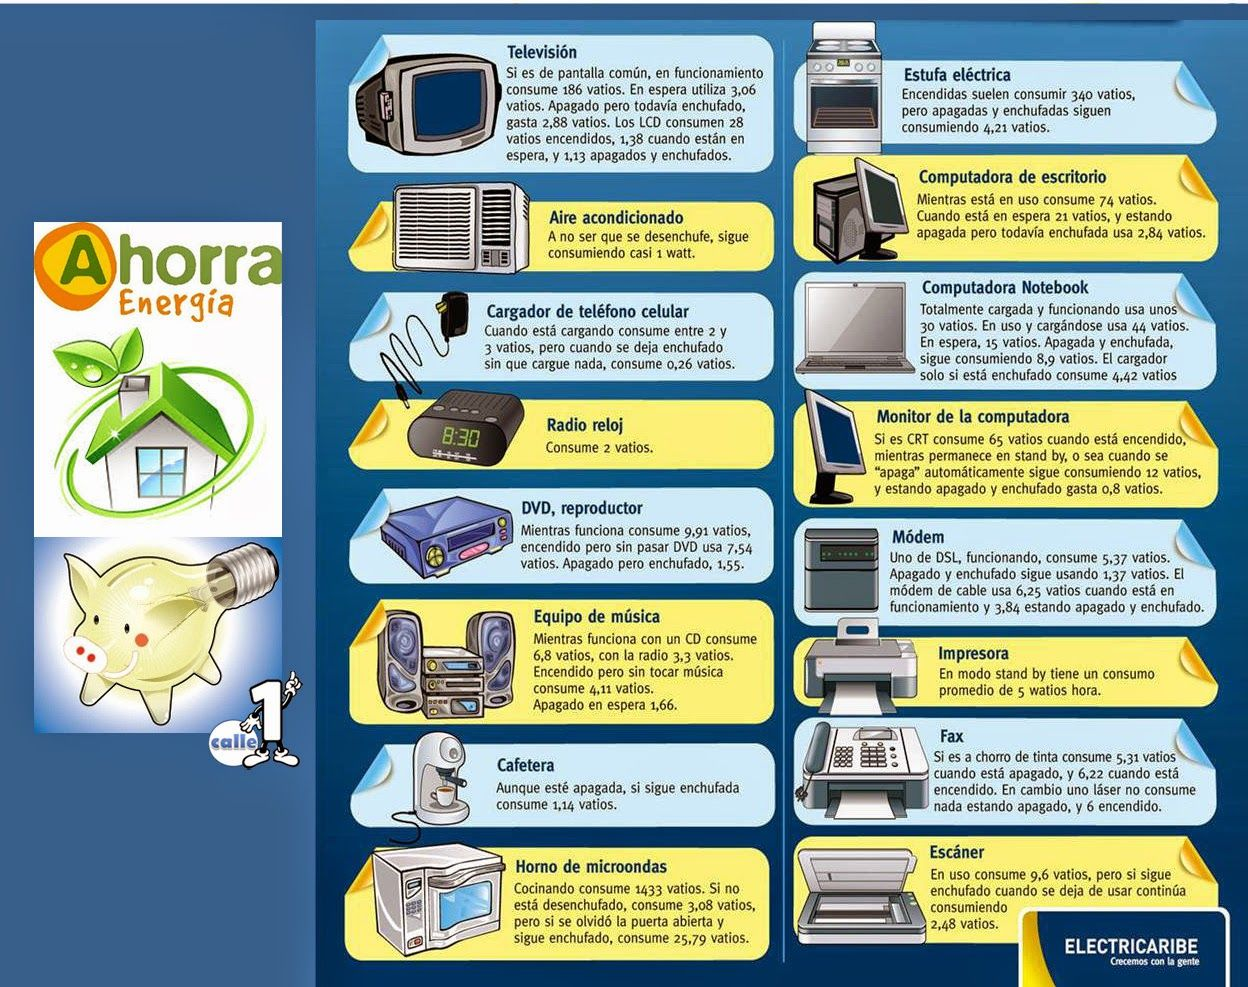 electrodomésticos y consumo energético - Buscar con Google